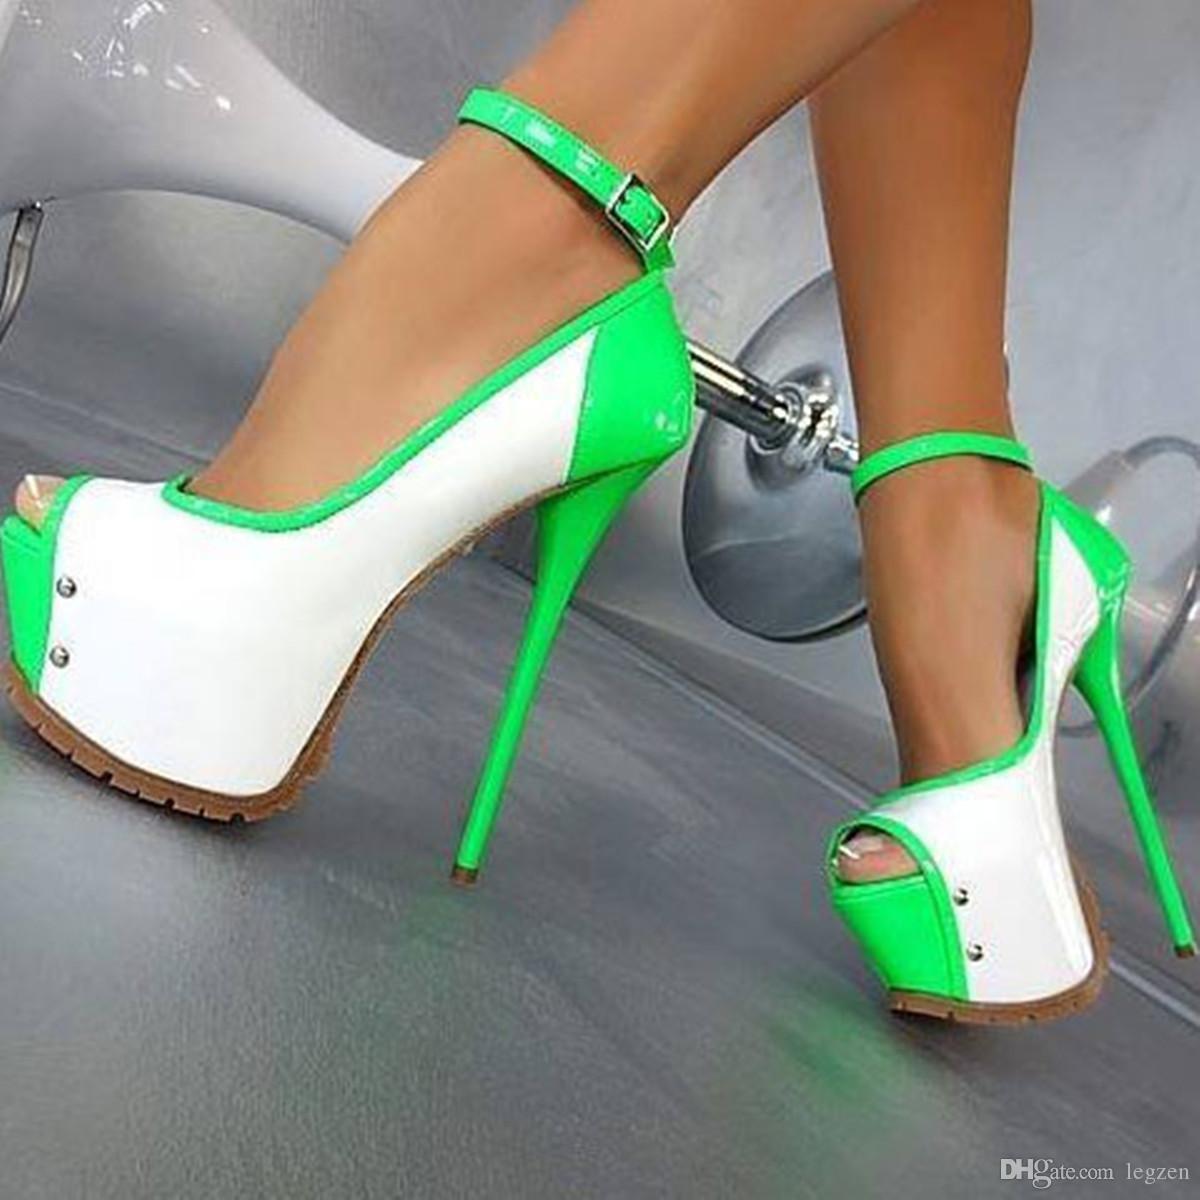 Legzen plataforma de bombas de las mujeres atractivas punta abierta delgados tacones altos bombas negro rojo verde zapatos de fiesta para mujer más el tamaño 20